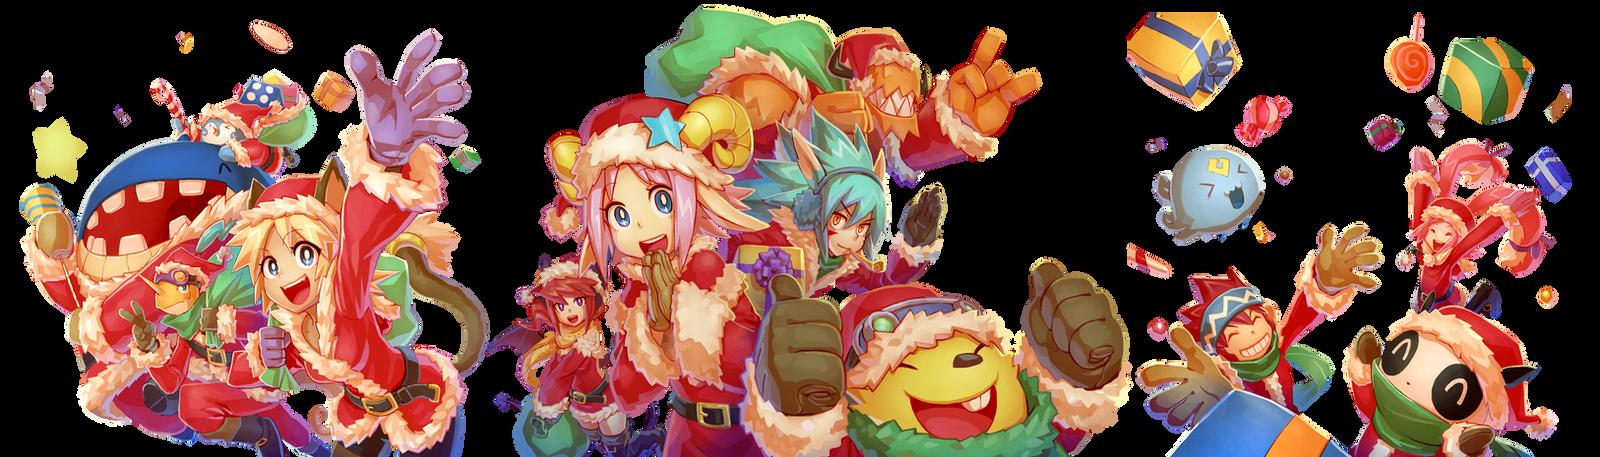 12Tails Christmas 2012 by Kyokimaru